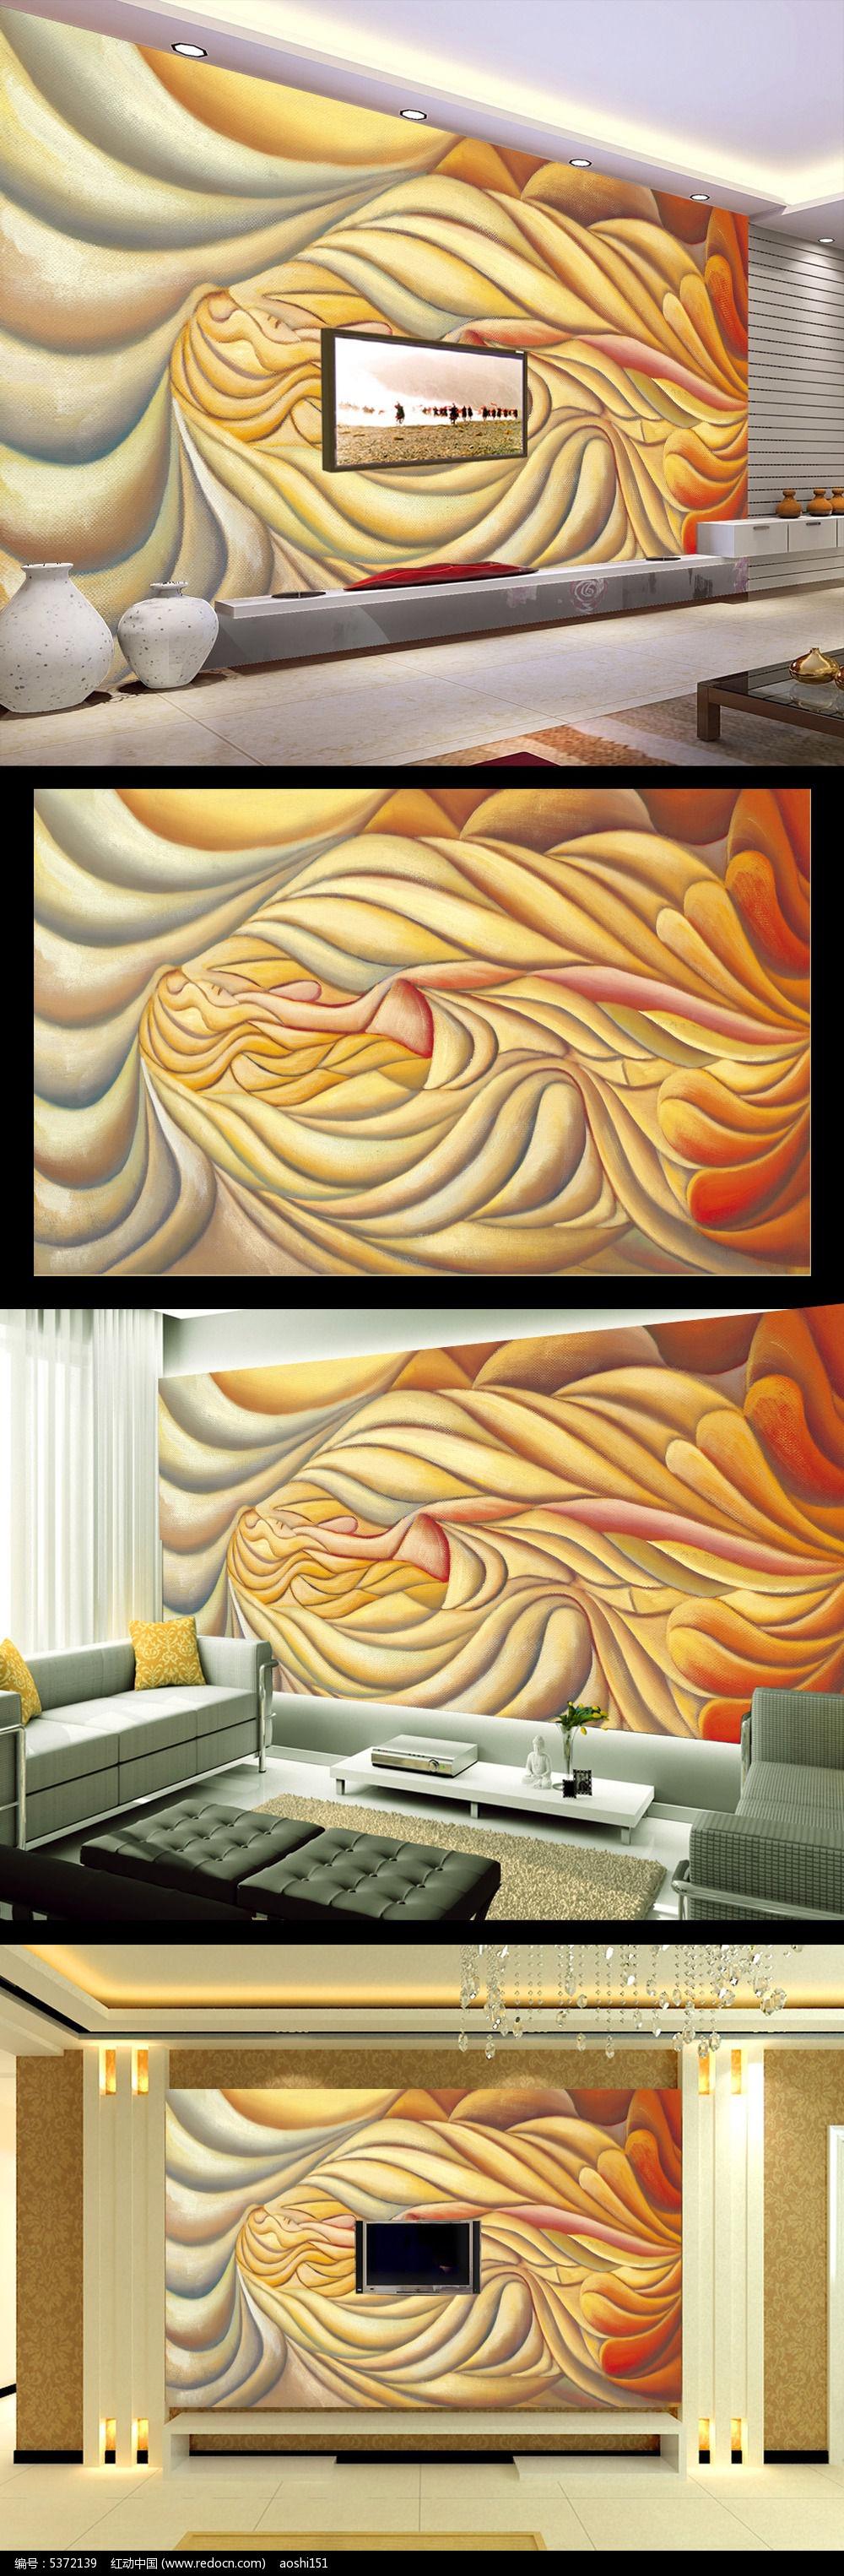 高清欧式抽象立体油画玄关背景墙